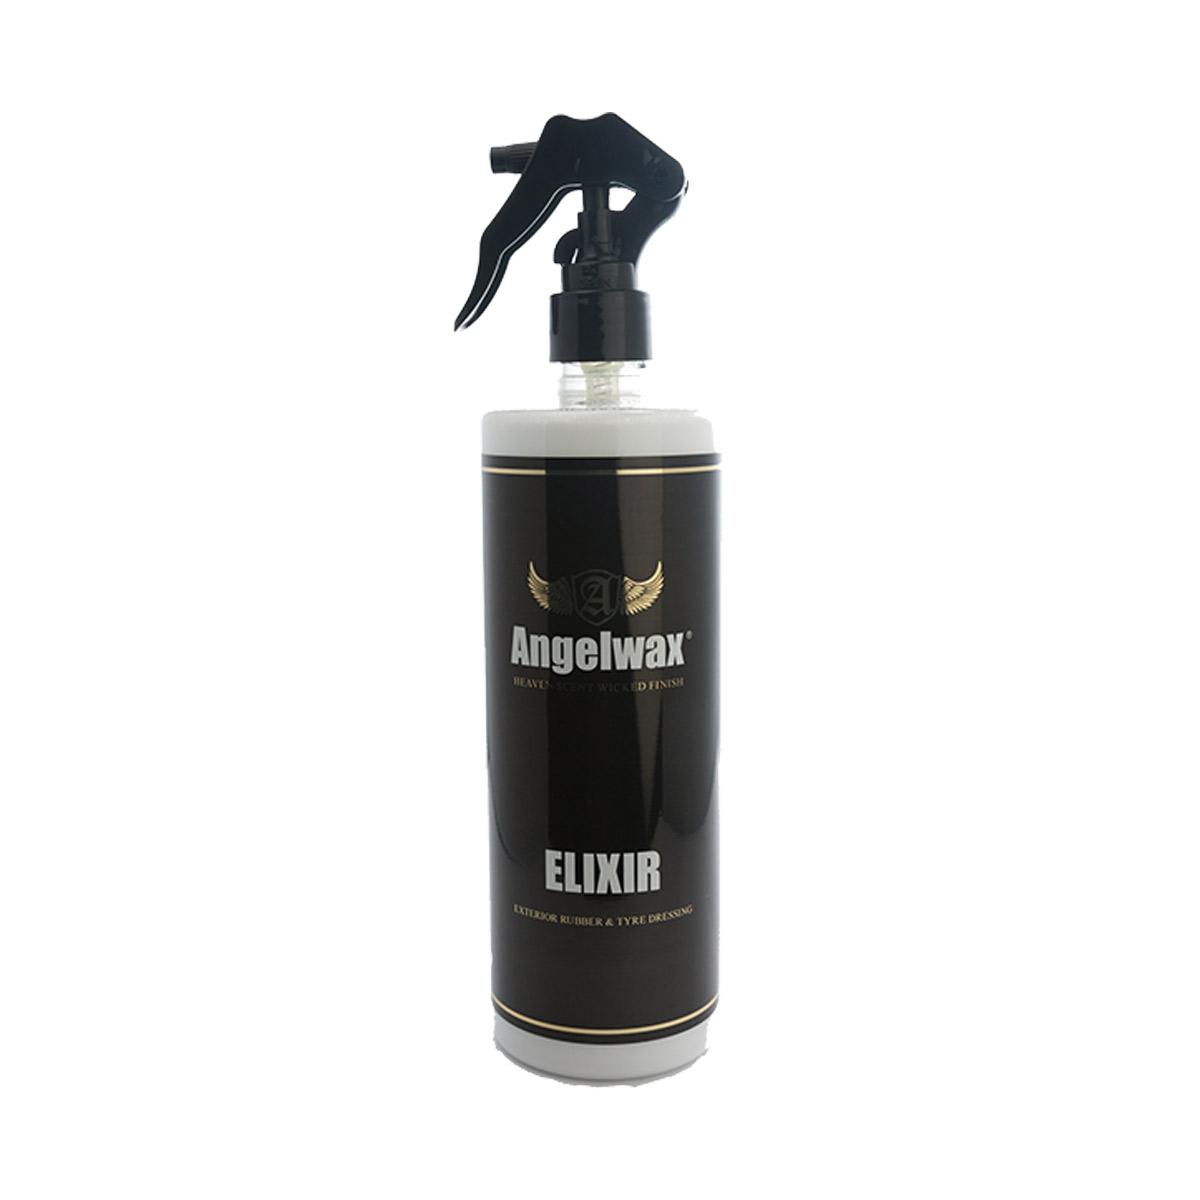 Däckglans Angelwax Elixir, 500 ml